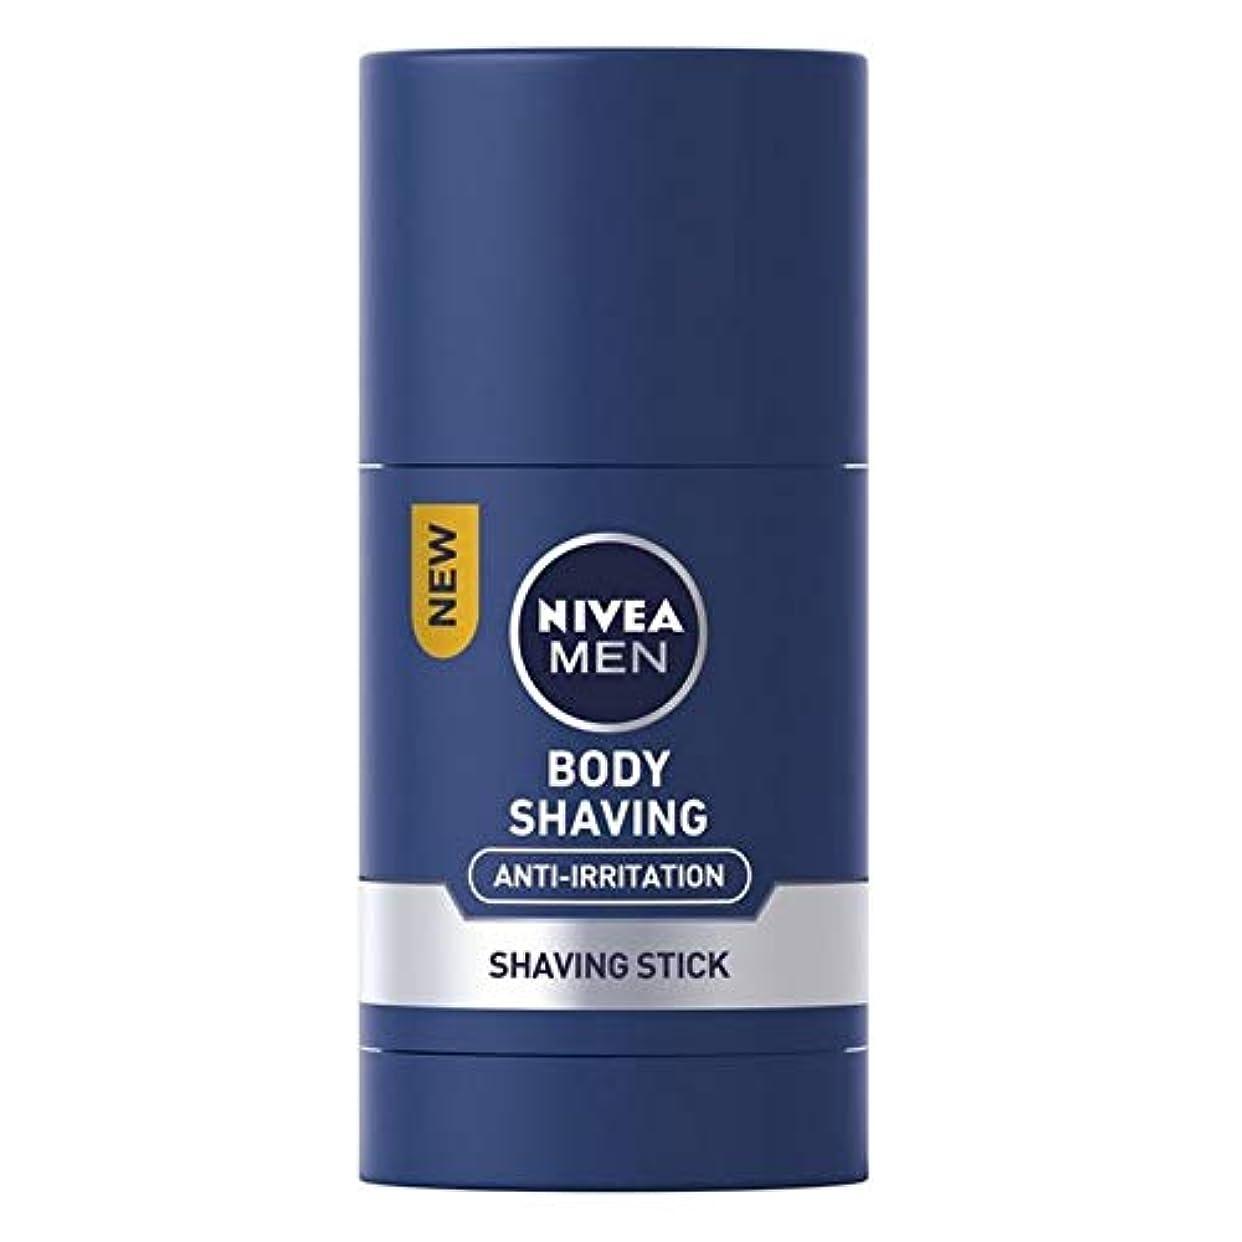 農夫とげのあるエンジニア[Nivea] ニベアの男性のボディシェービングスティック抗炎症の75ミリリットル - Nivea Men Body Shaving Stick Anti-Irritation 75ml [並行輸入品]